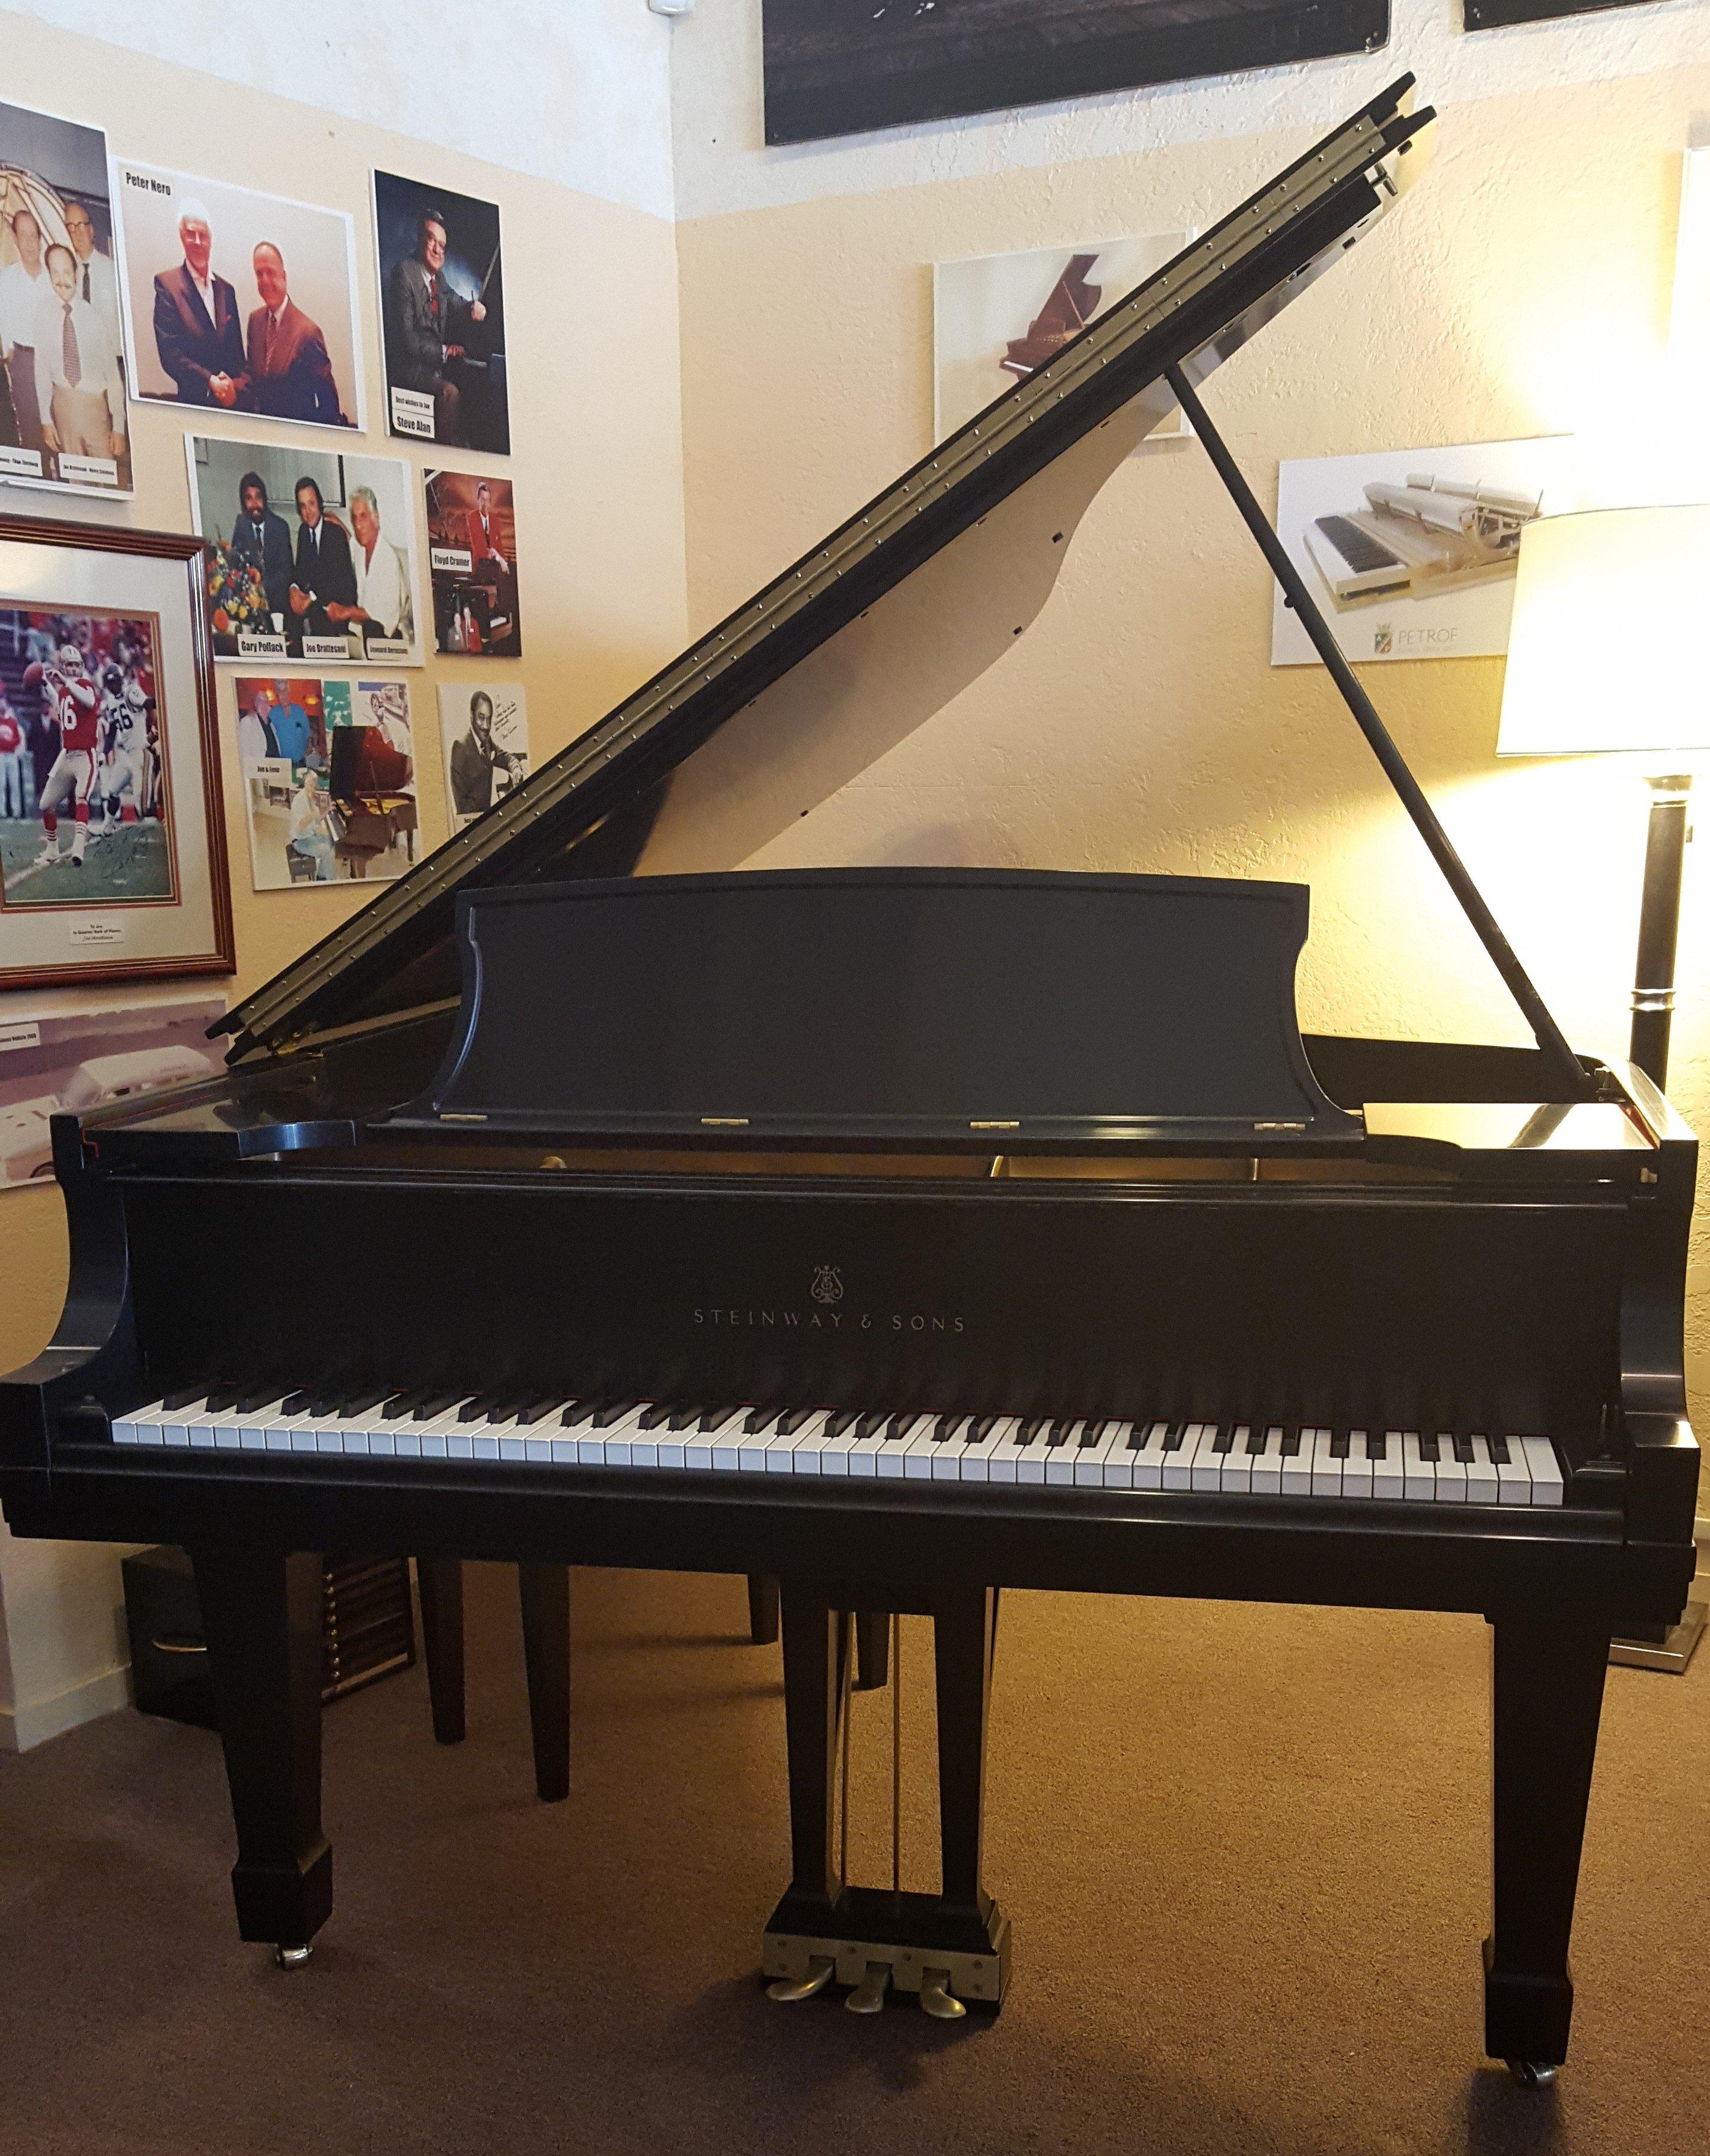 Piano Store in San Jose, CA - World Class Pianos